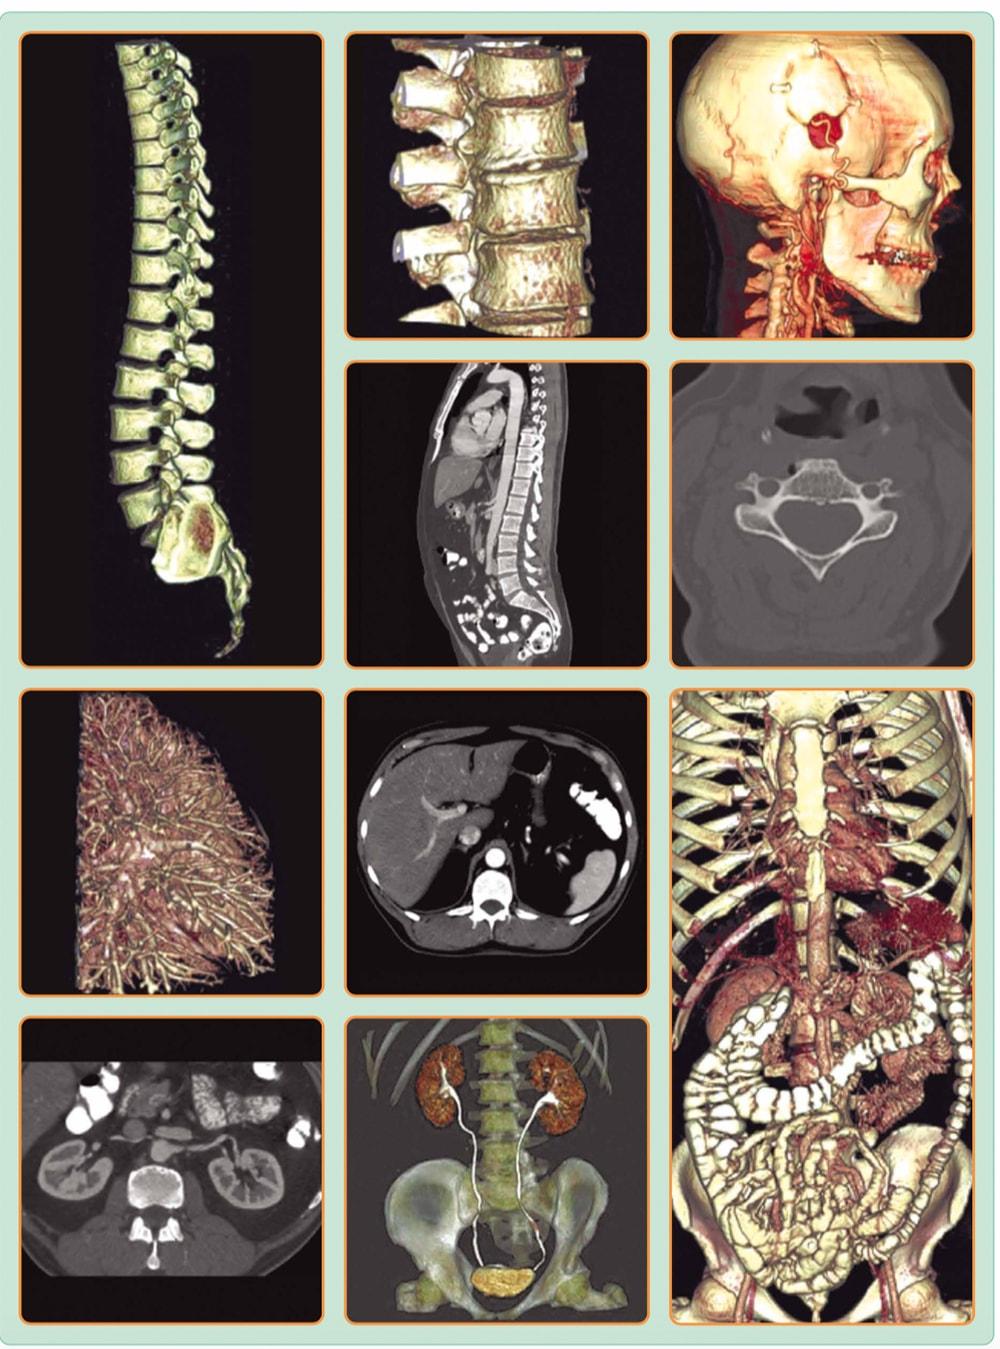 Клинические изображения - взрослые снимки на МРТ бодитом